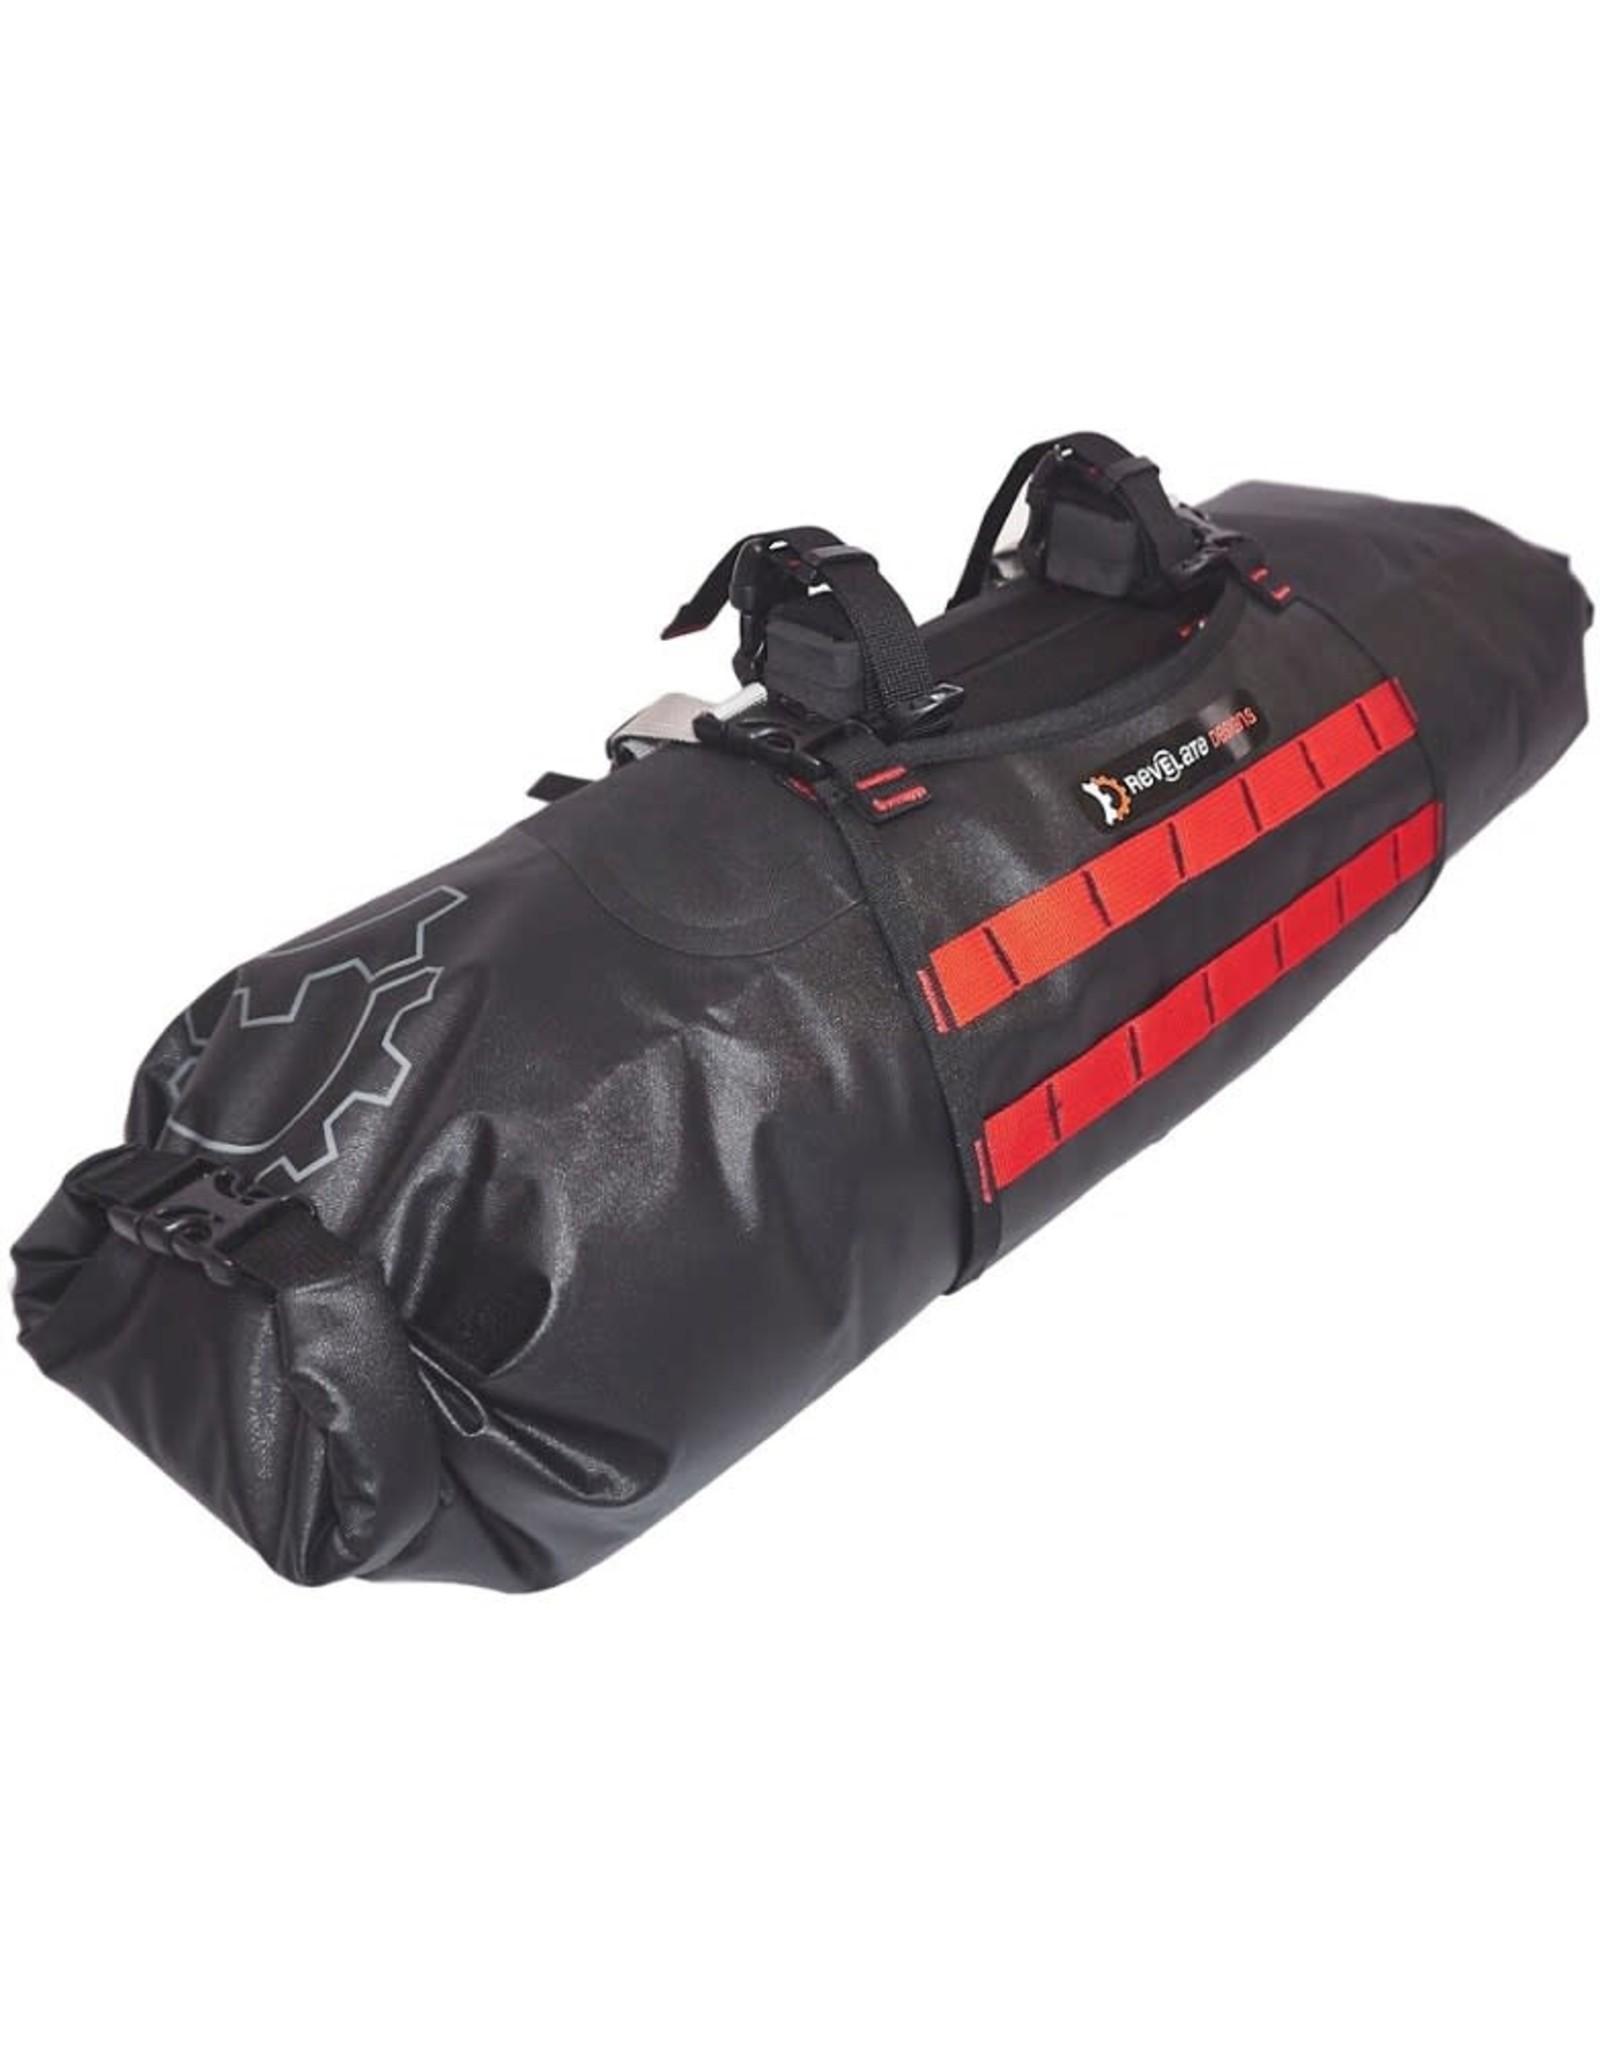 Revelate Designs Revelate Designs Sweetroll Handlebar Bag - Black- Medium